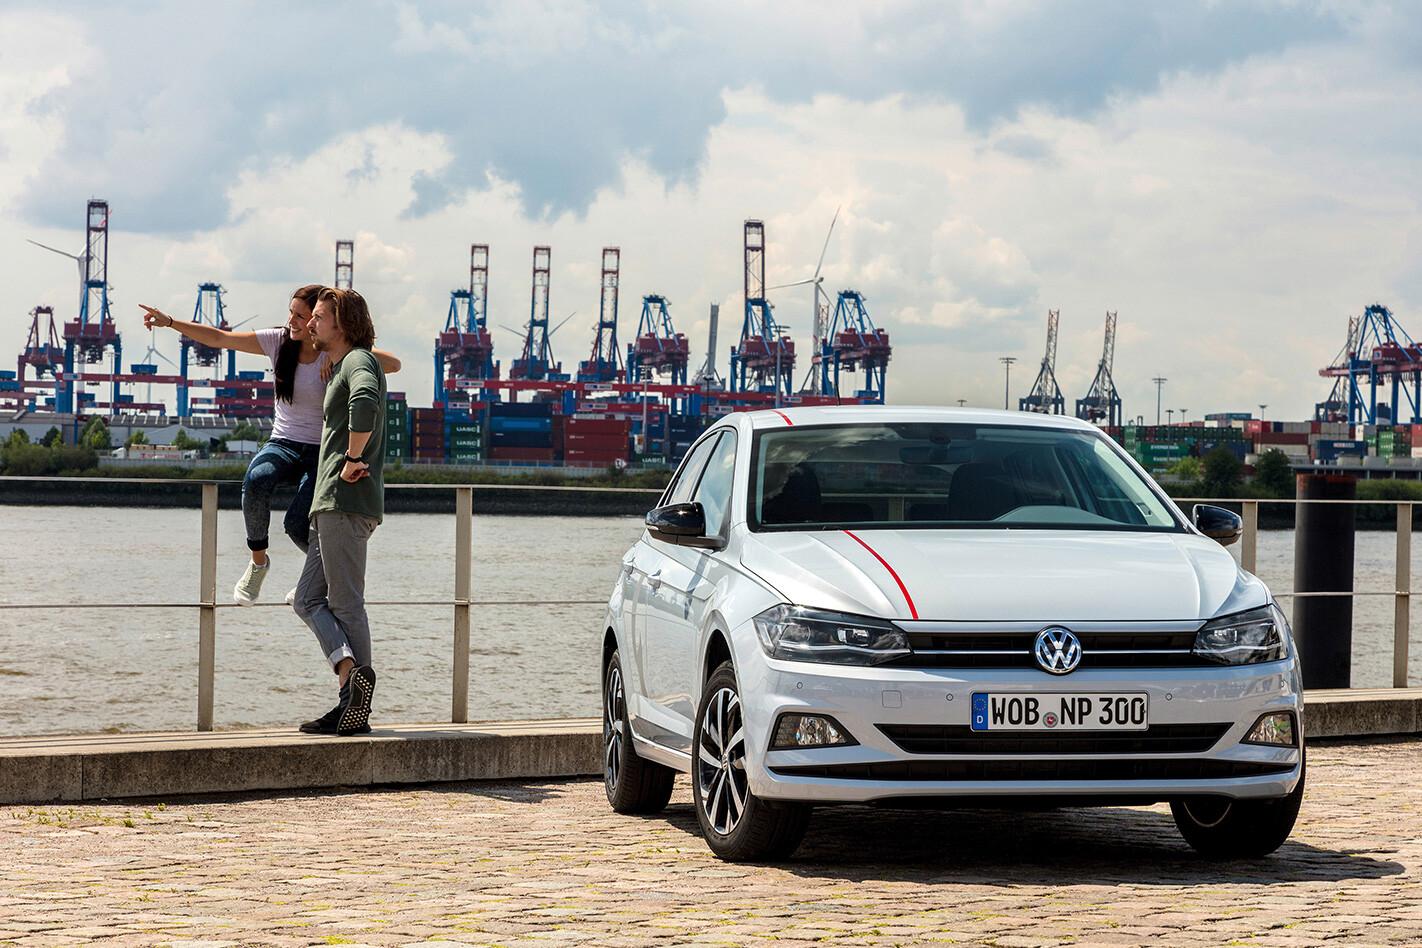 Volkswagen Polo Beats Jpg